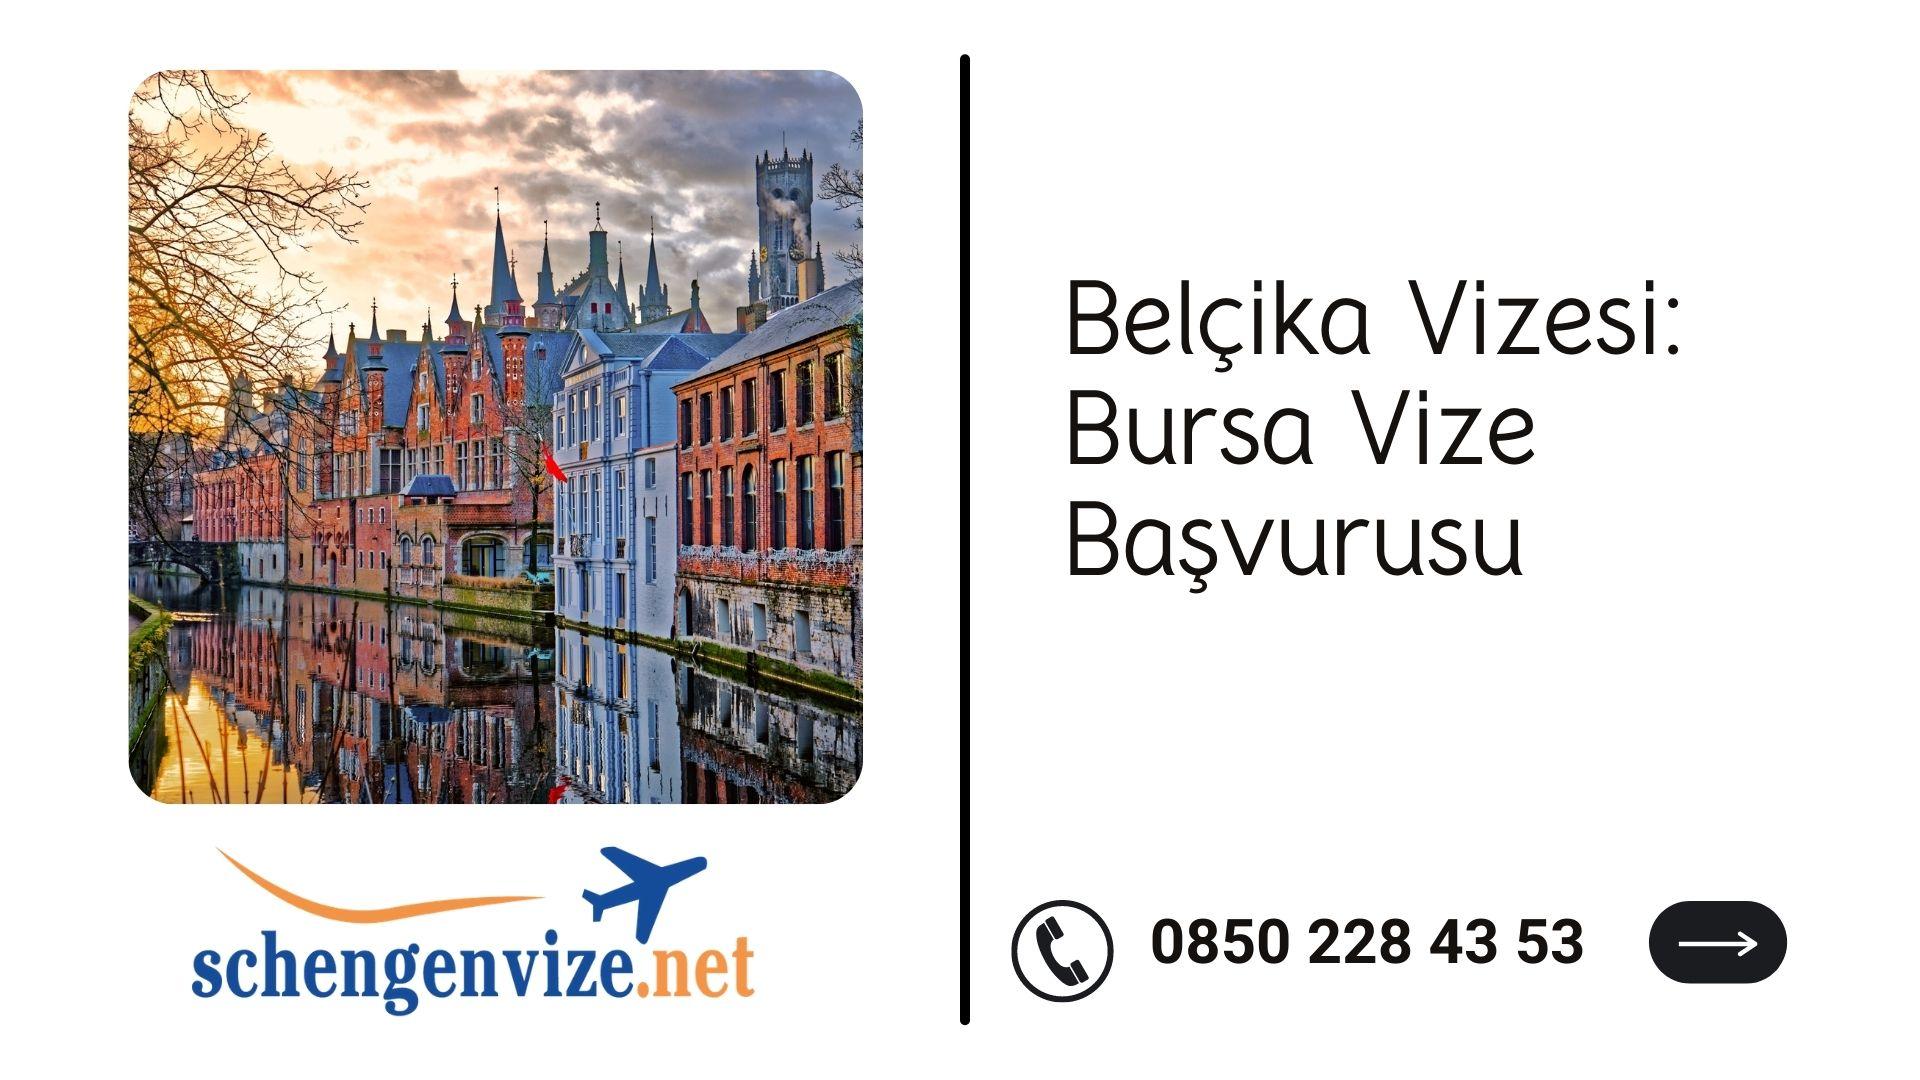 Belçika Vizesi: Bursa Vize Başvurusu